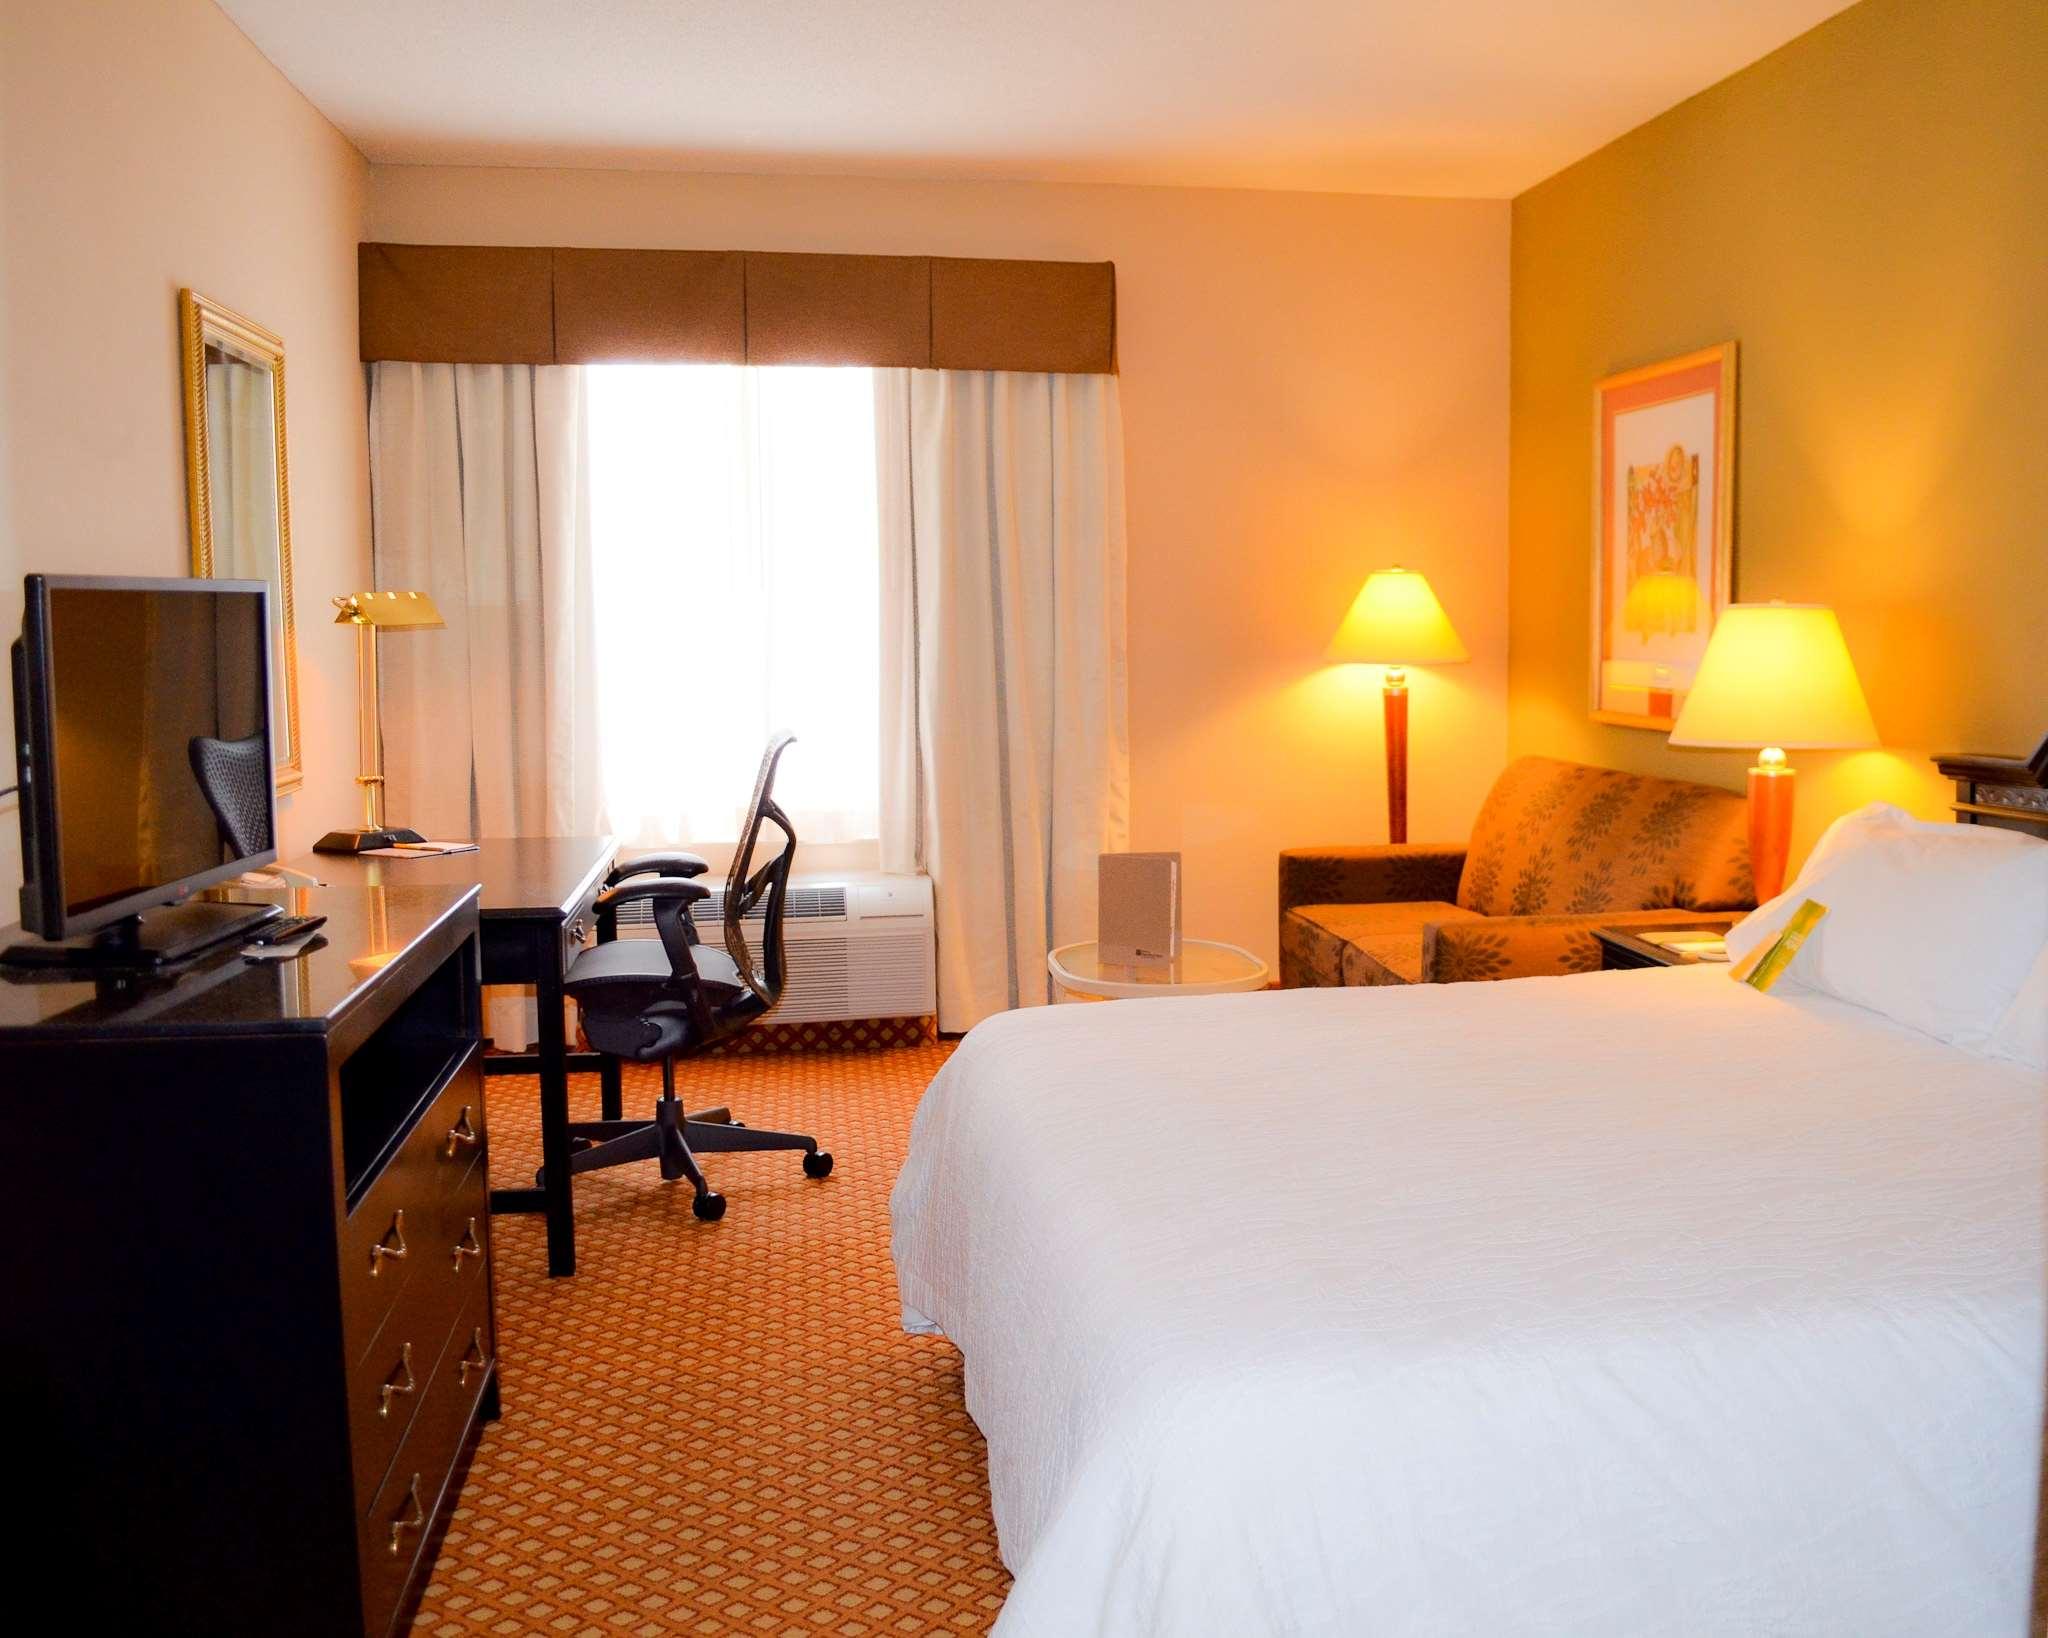 Hilton Garden Inn Cincinnati Northeast image 11